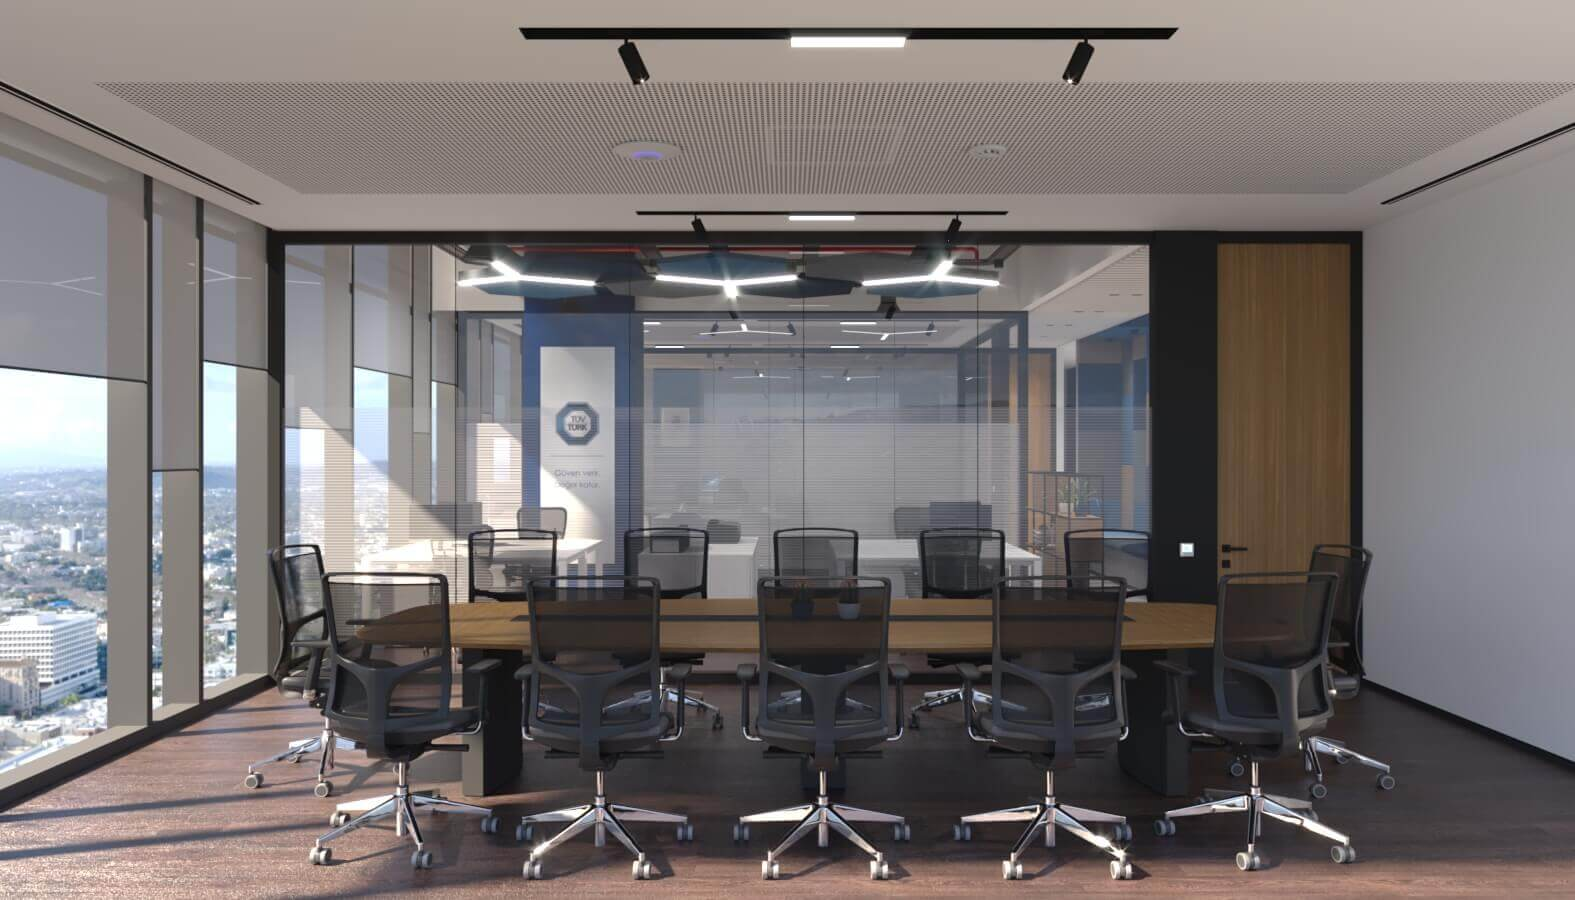 3838 Tuvturk Ankara Office Offices